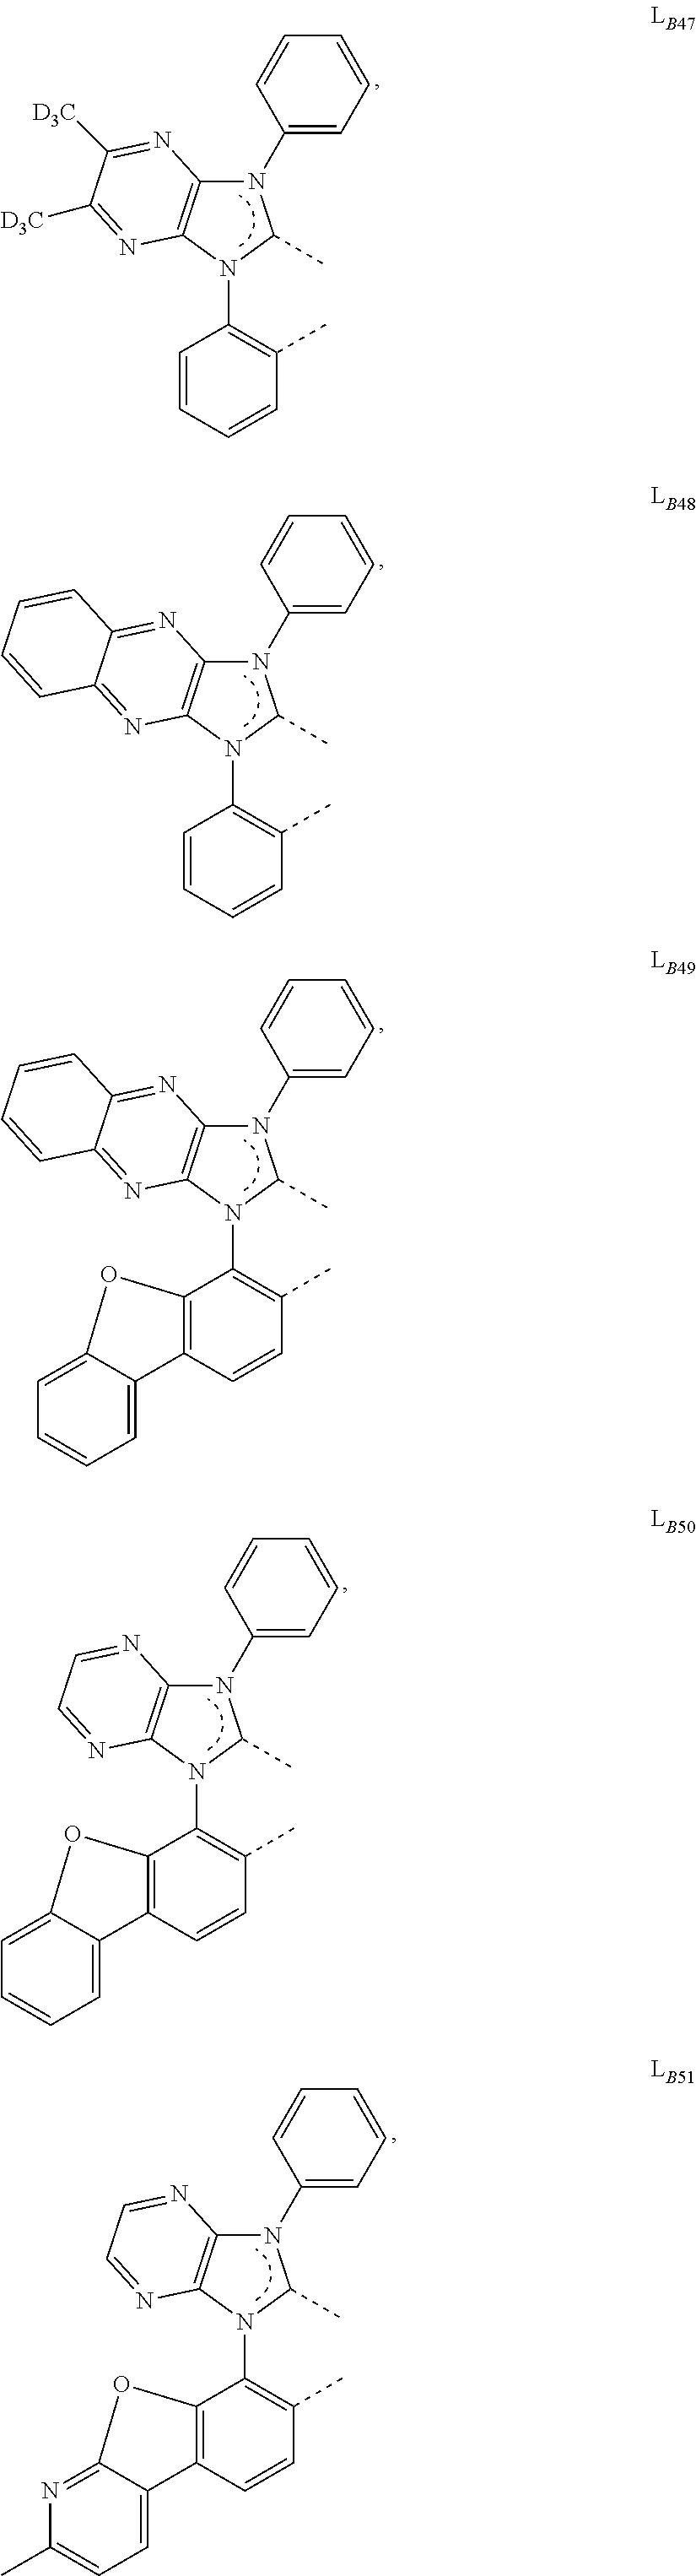 Figure US20170229663A1-20170810-C00075